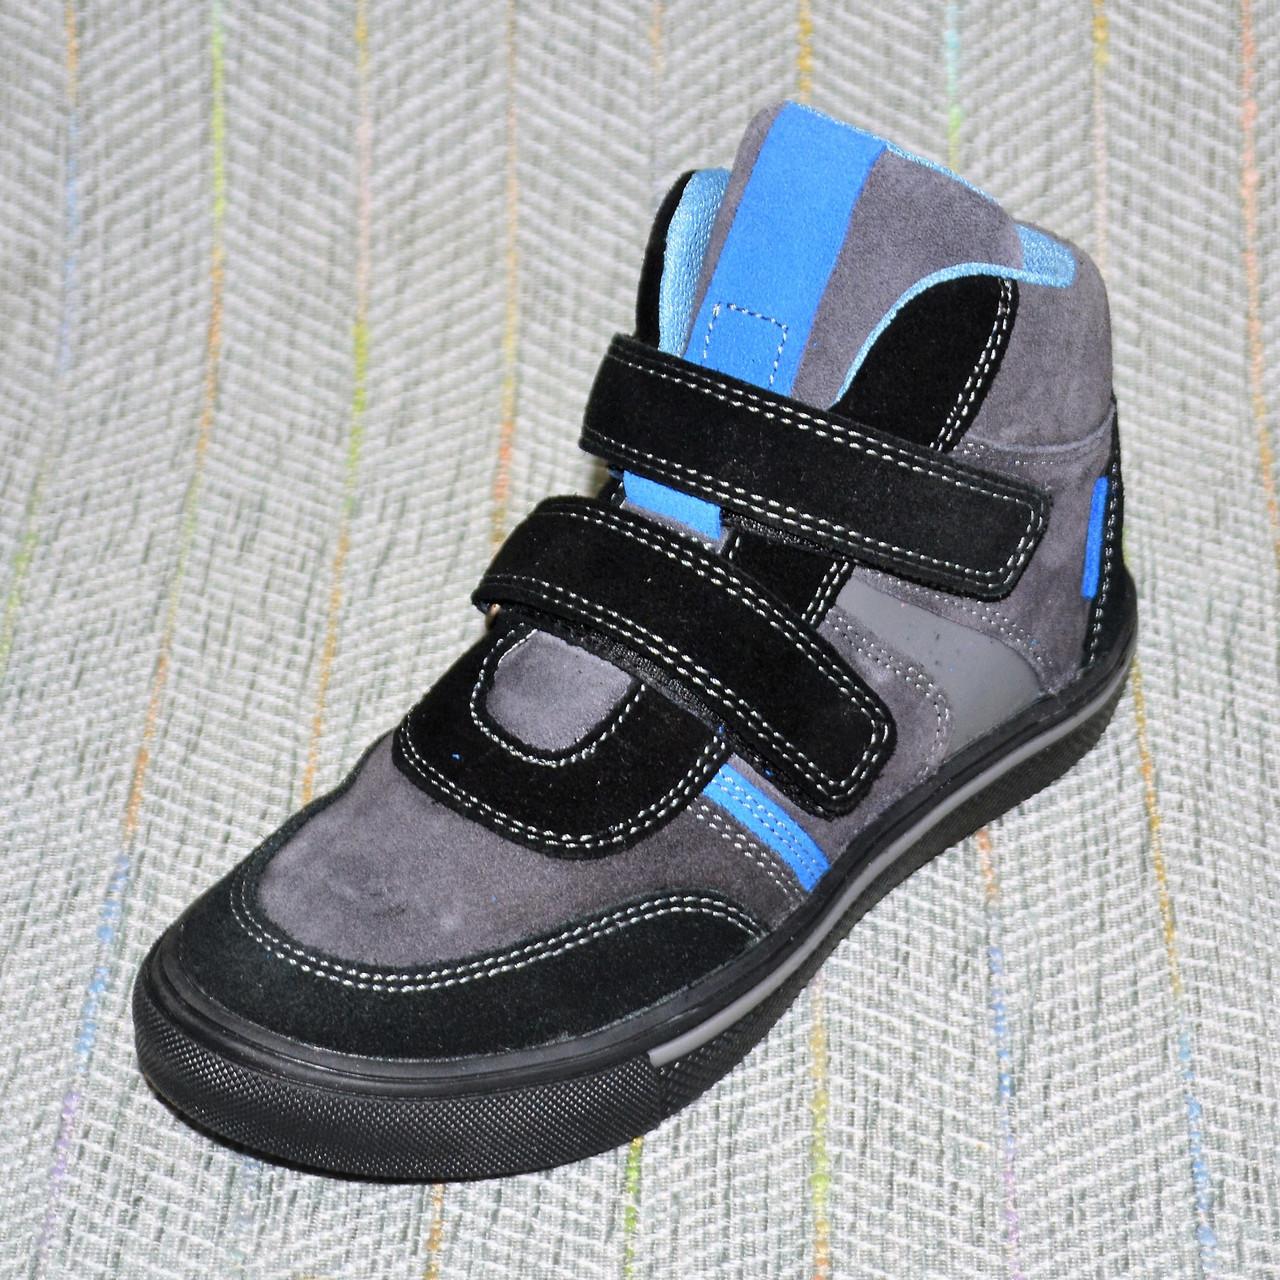 ec90225b9 Купить Ботинки-кроссы на мальчика, Мальвы размер 30 31 32 33 34 35 в ...